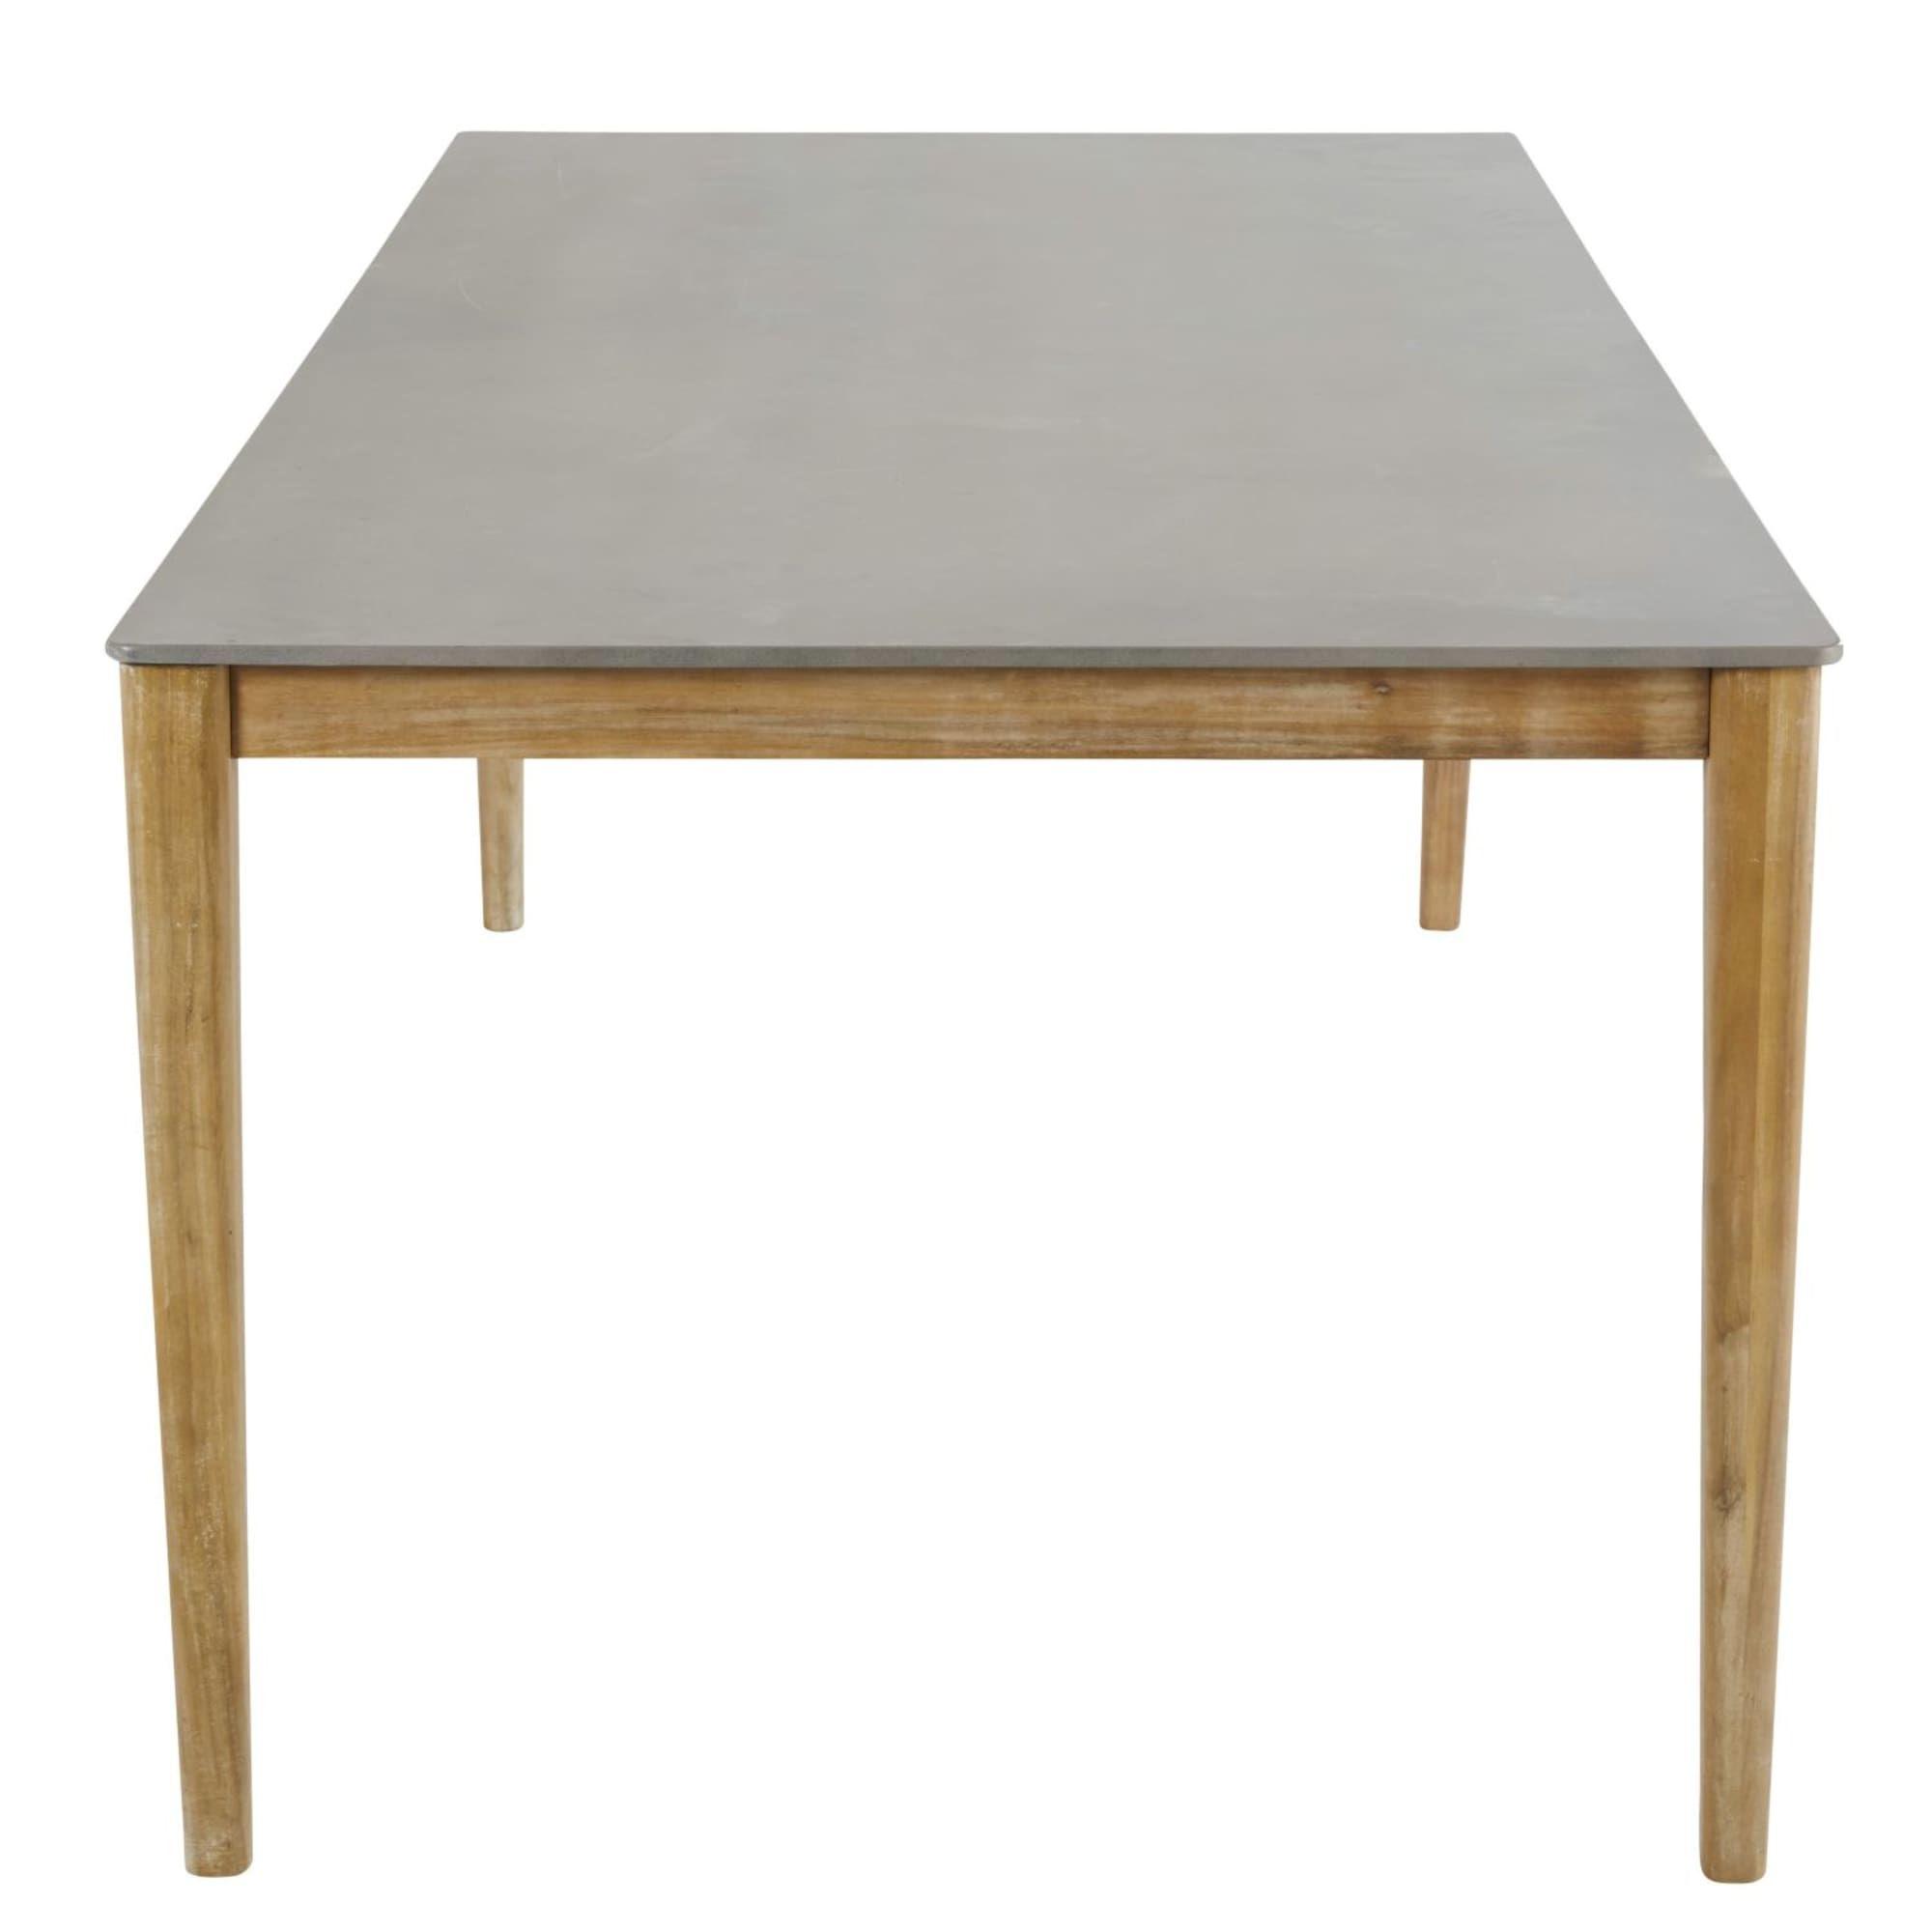 Gartentisch Aus Zement Fur 8 10 Personen L220 Gartentisch Tisch